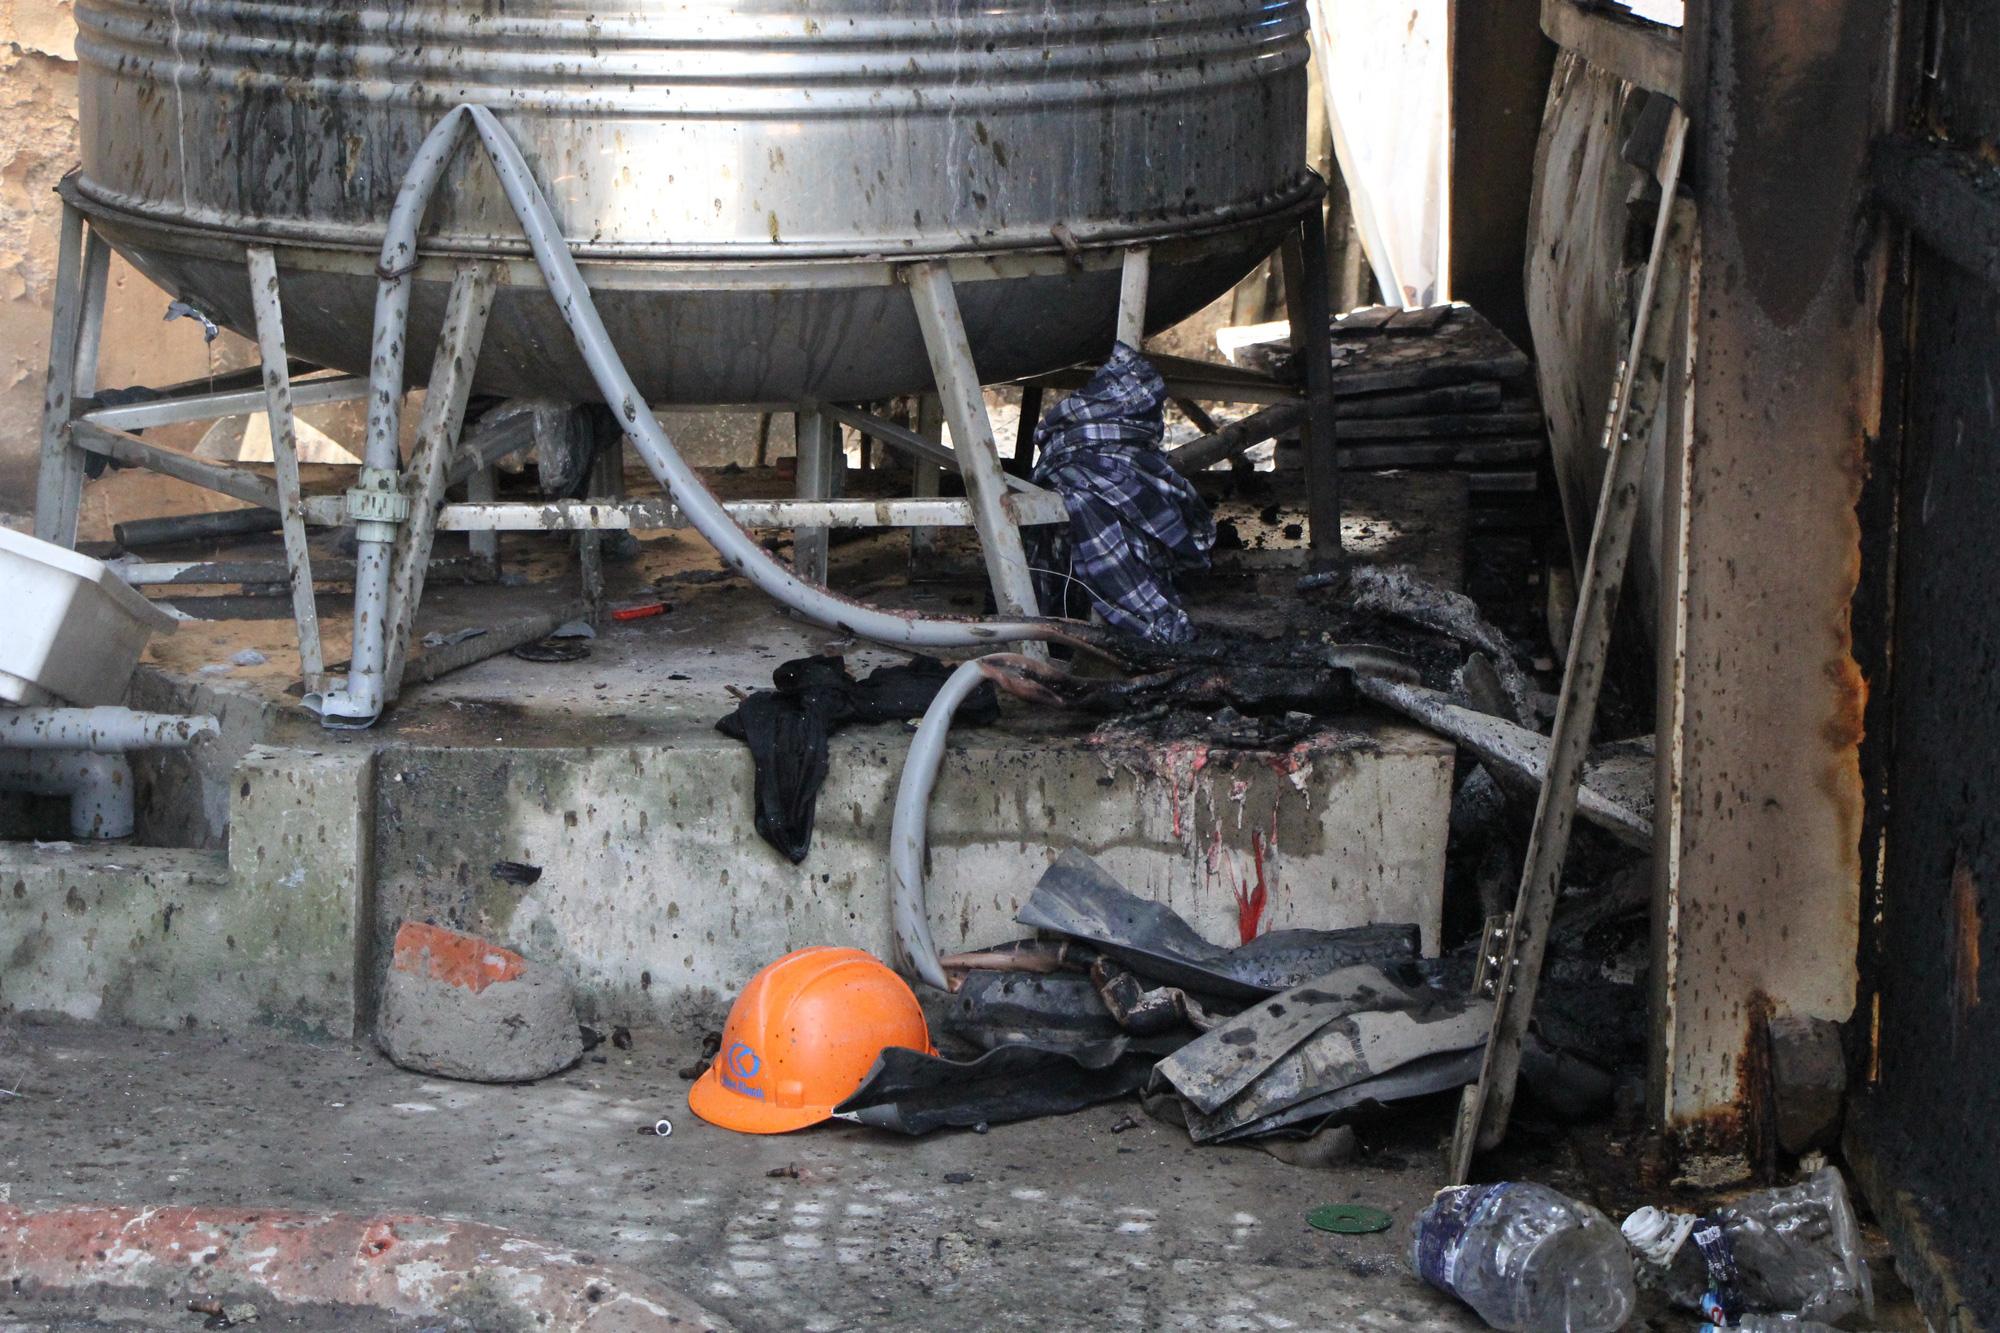 Hà Nội: Cháy hệ thống điều hòa chung cư, hàng trăm người hoảng loạn bỏ chạy - Ảnh 5.